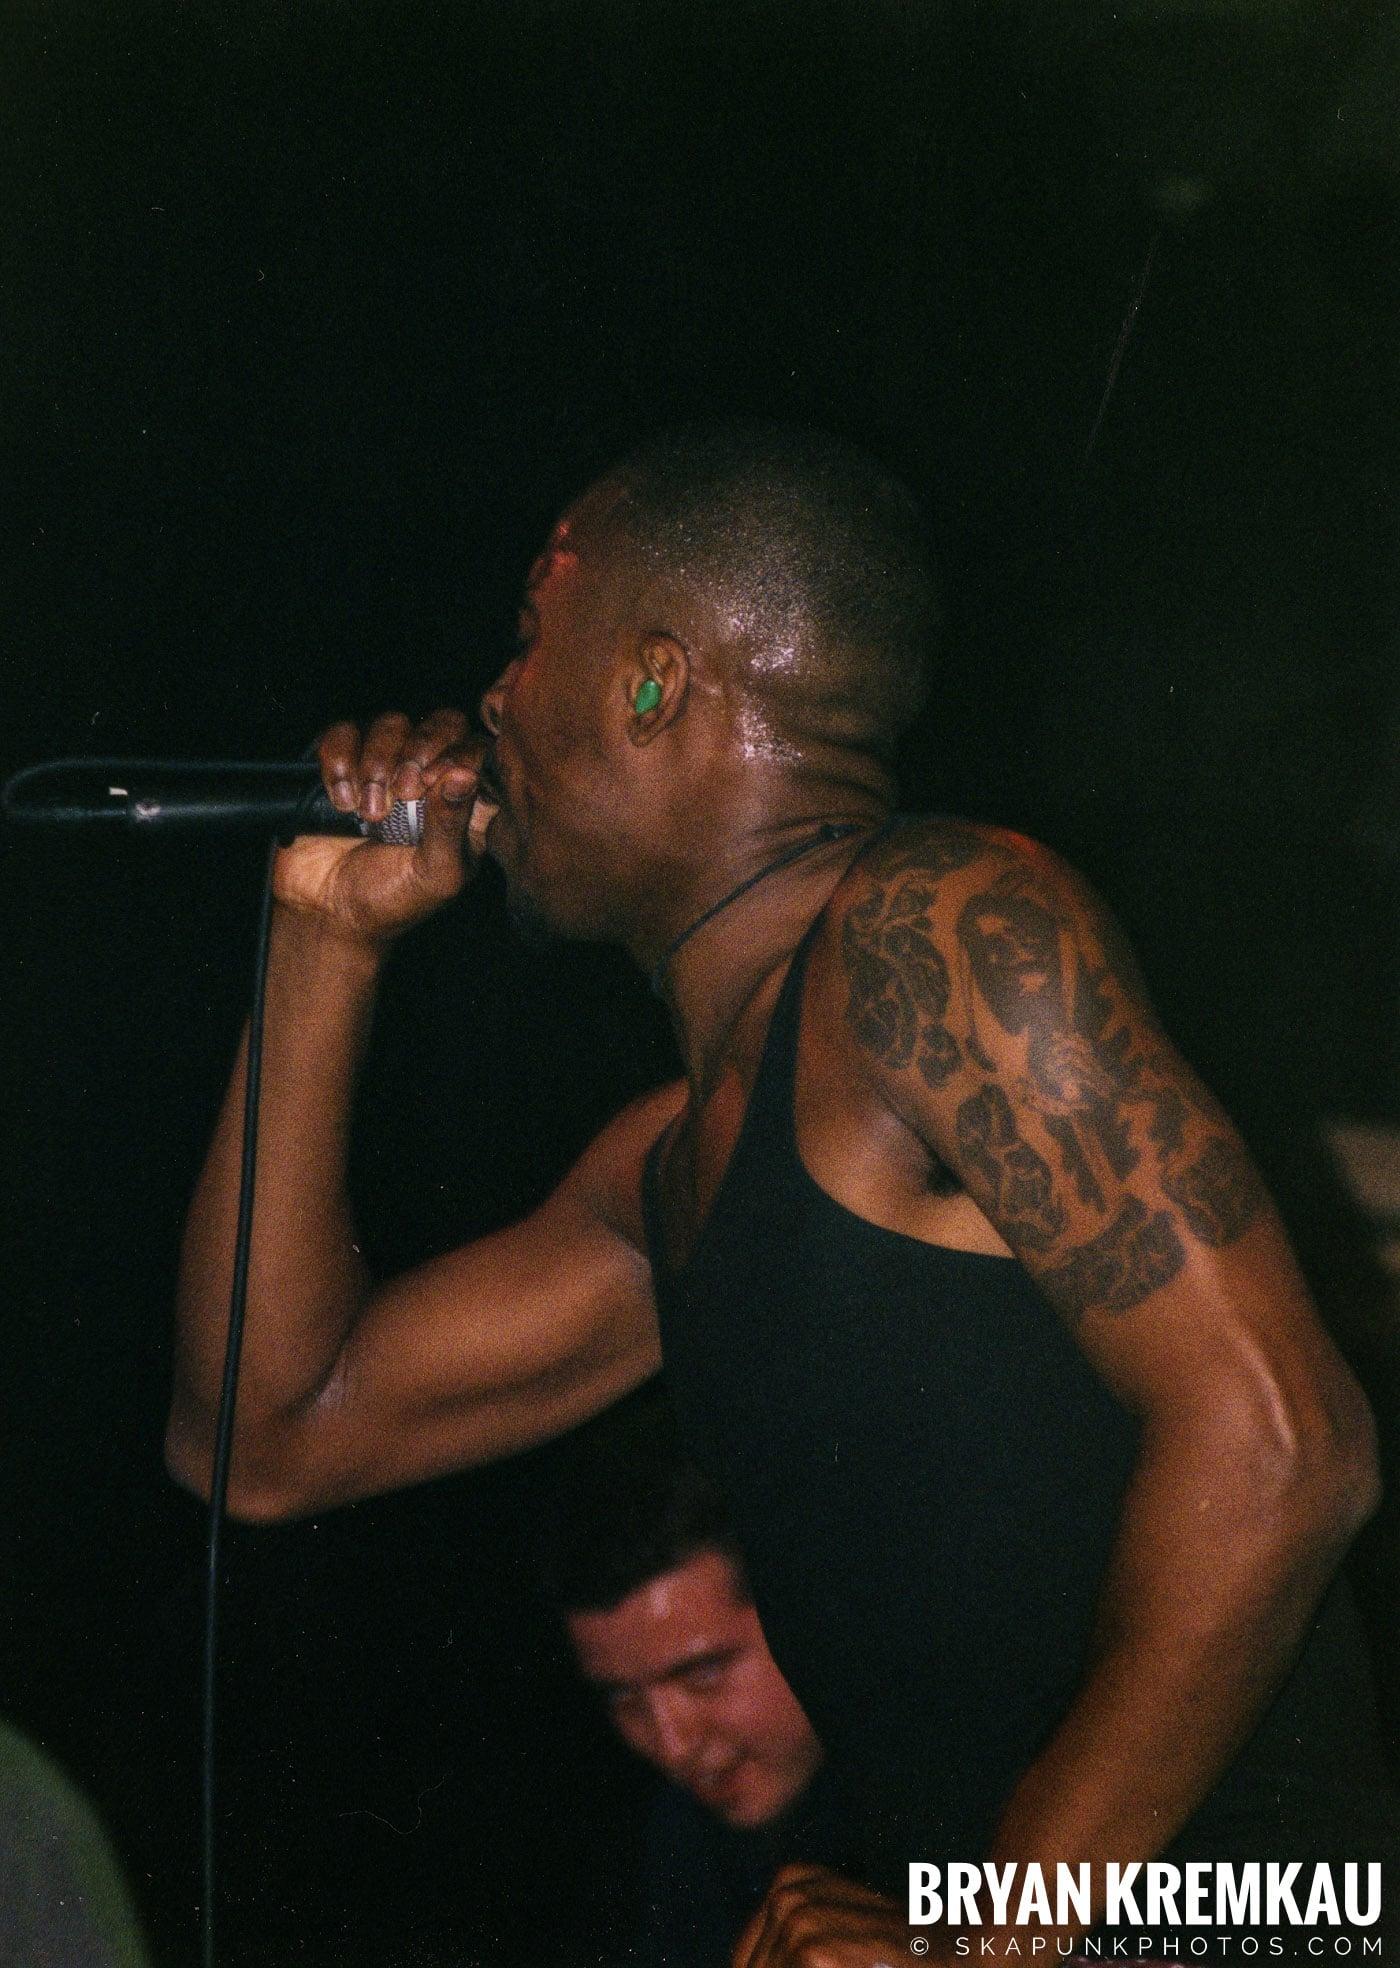 Candiria @ The Chance, Poughkeepsie, NY - 3.26.99 (14)